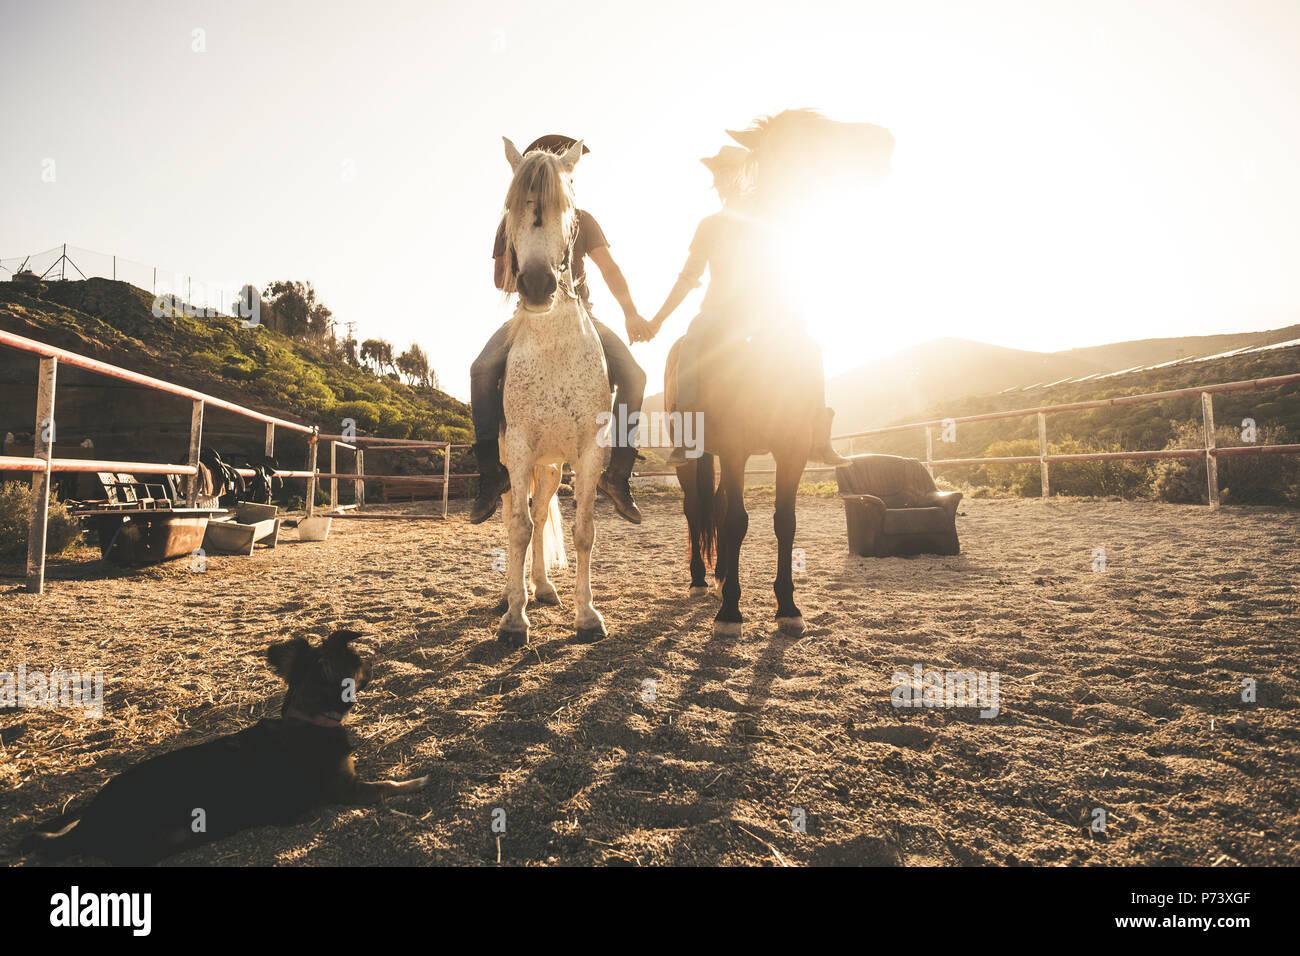 Equitación scenic foto con dos animales y personas par y un perro teniendo las manos con el amor y la amistad y el ocaso del sol en el fondo. w Imagen De Stock